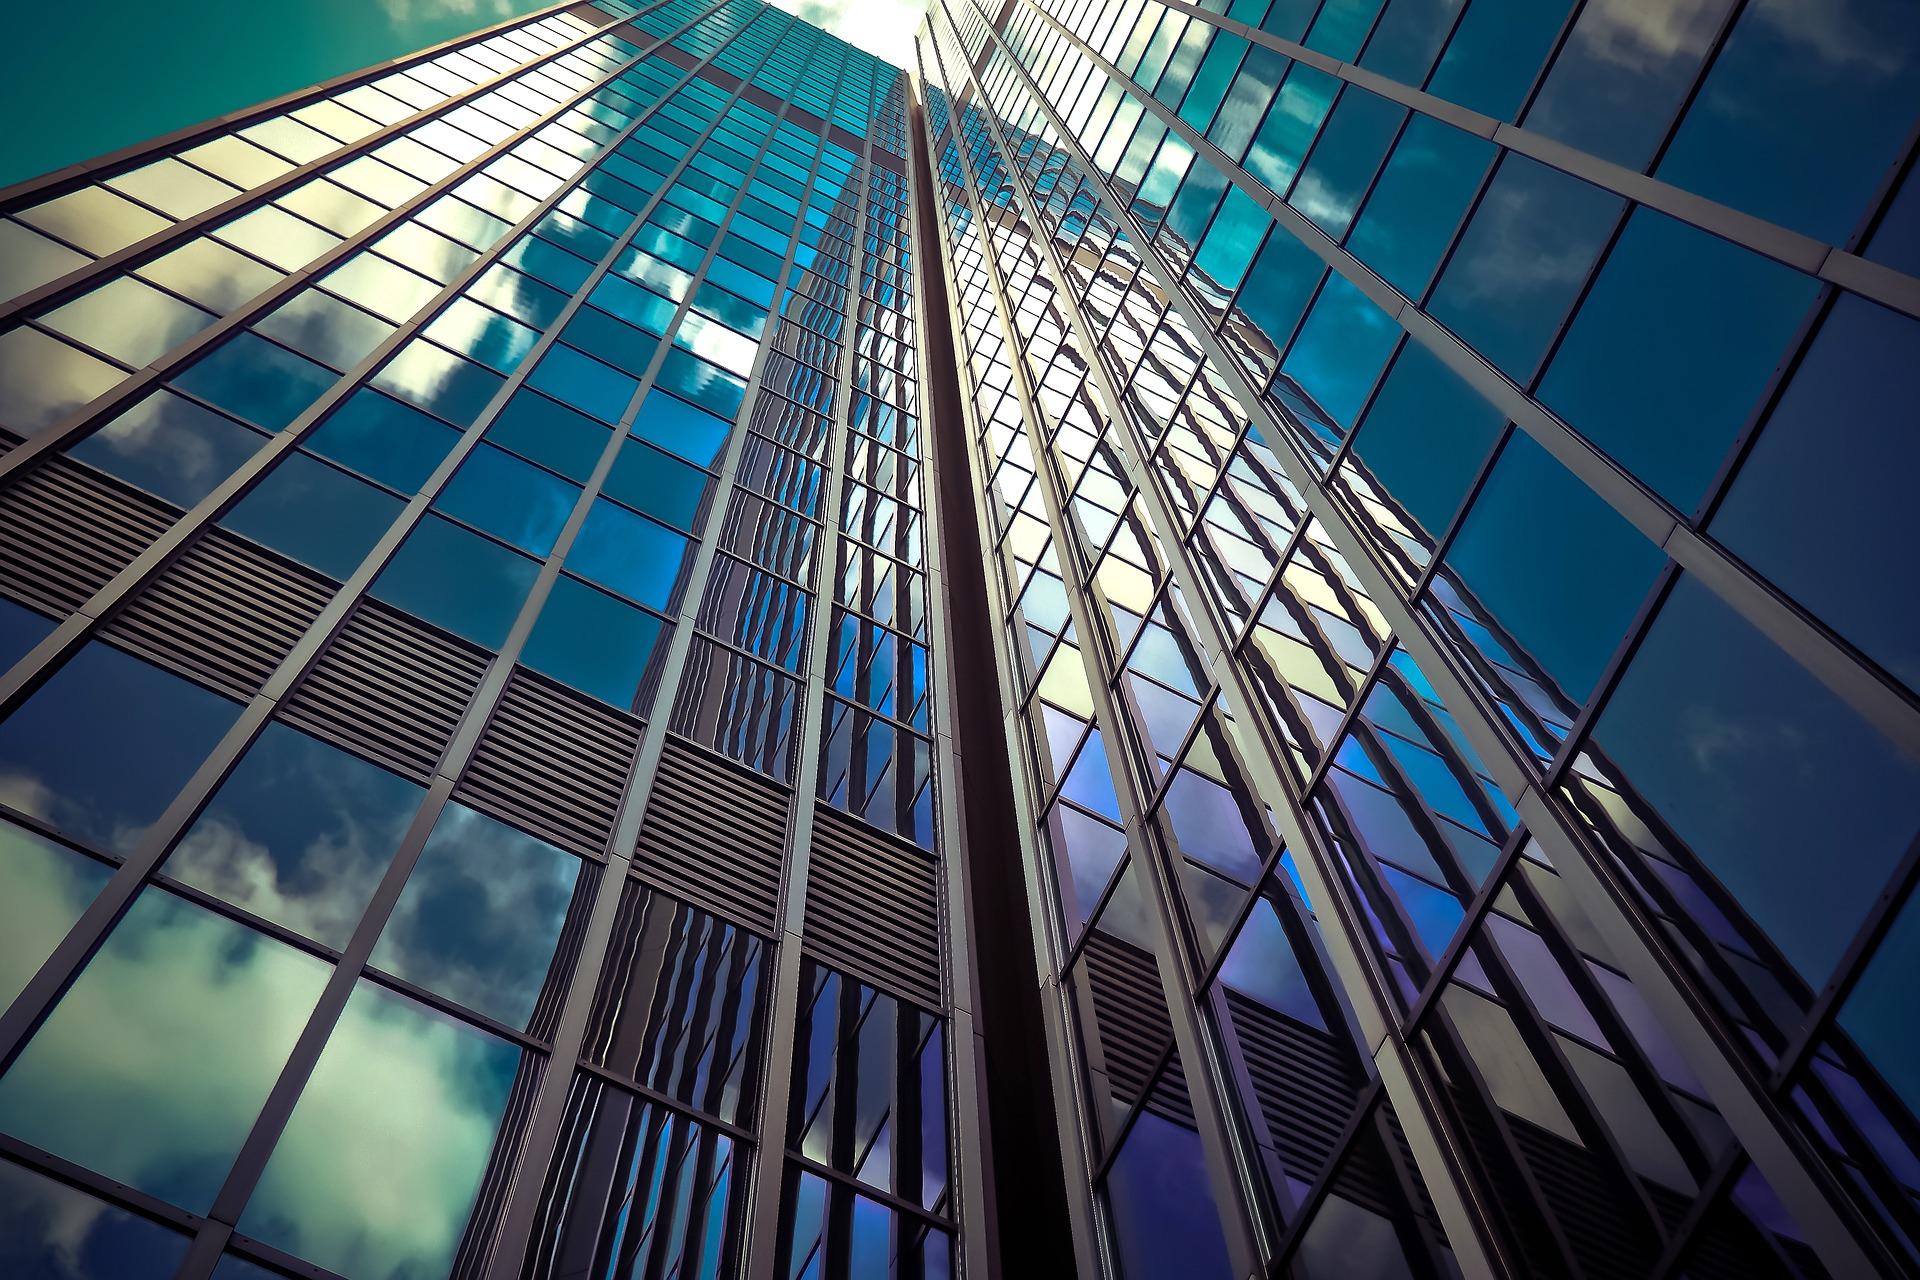 O que são as Construtechs e como elas estão transformando o setor da construção?